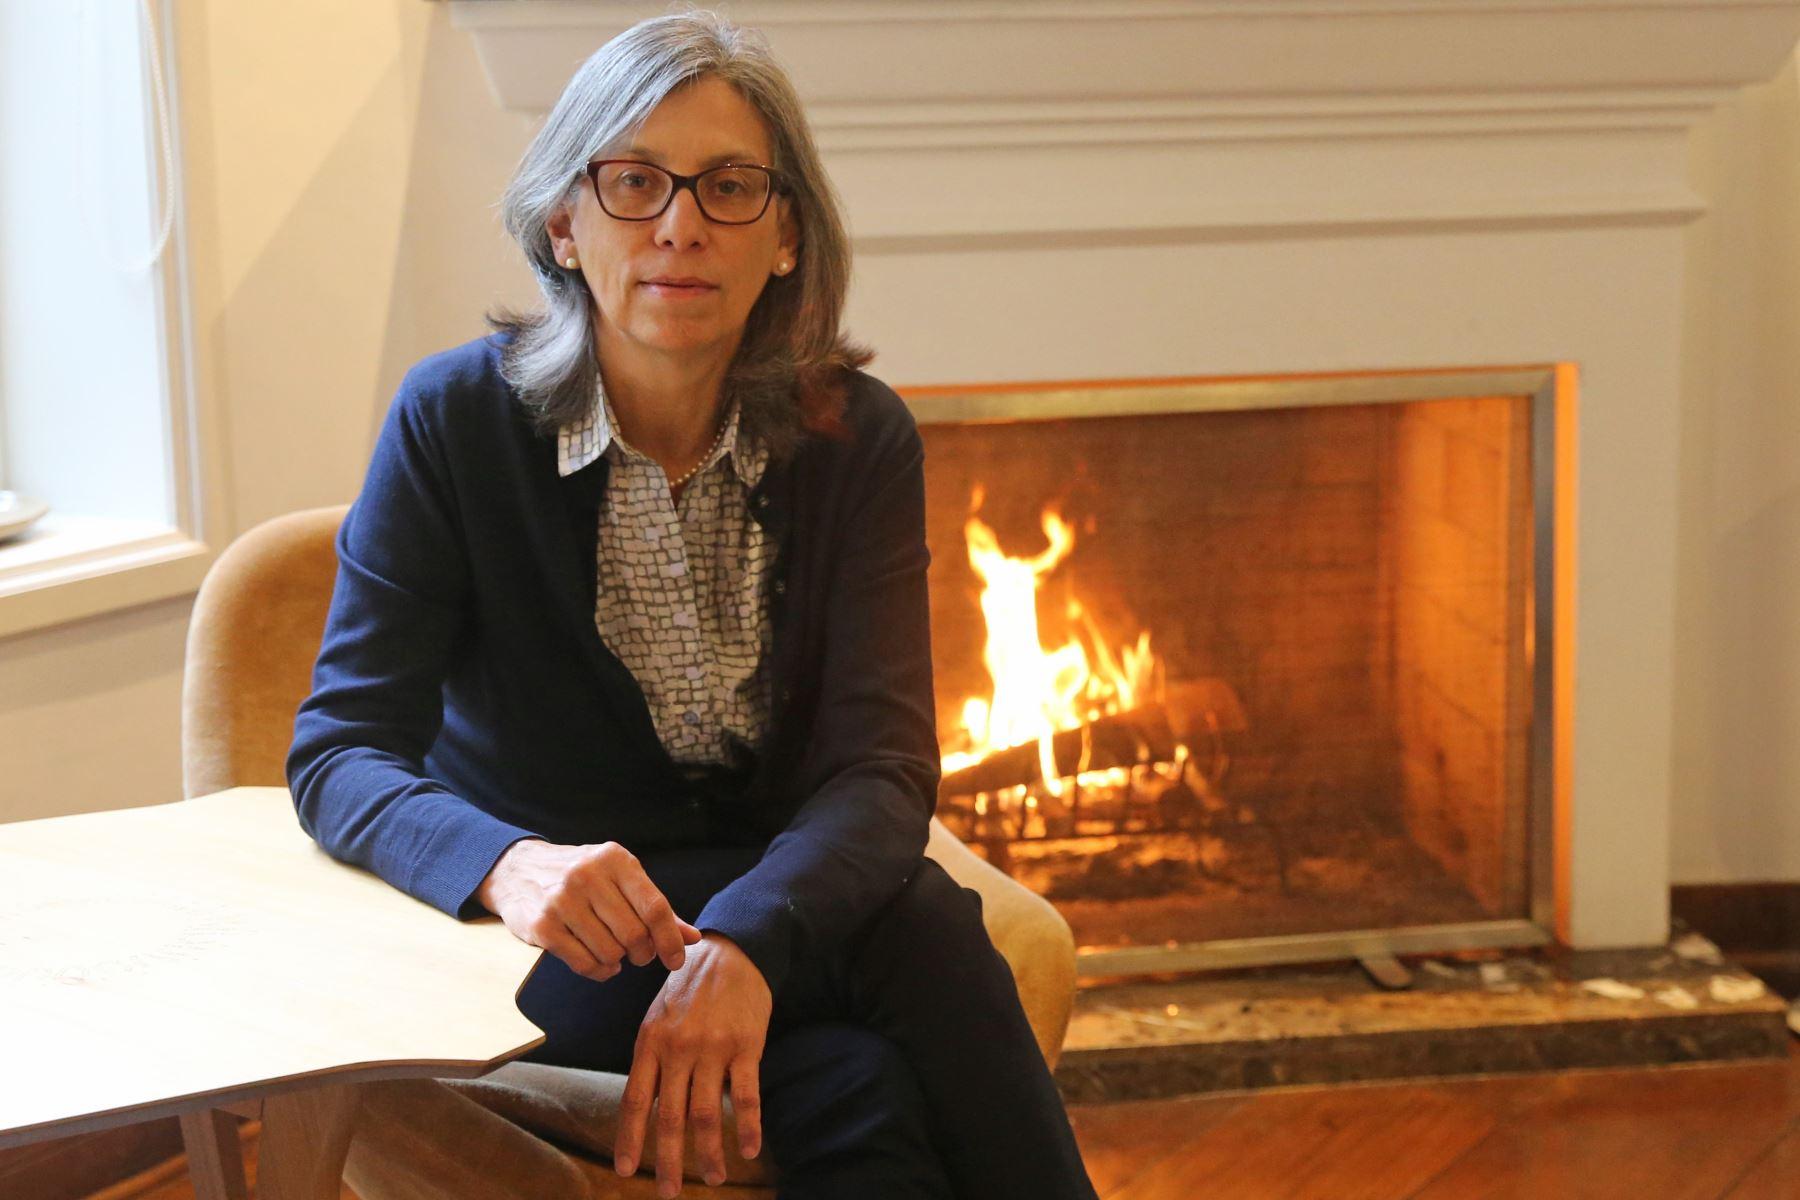 Gisella Orjeda Fernández, presidenta ejecutiva del Inaigem es científica, estudió el genoma de la papa, fue presidenta del Concytec y es una apasionada impulsora de la ciencia, tecnología e investigación en el Perú.